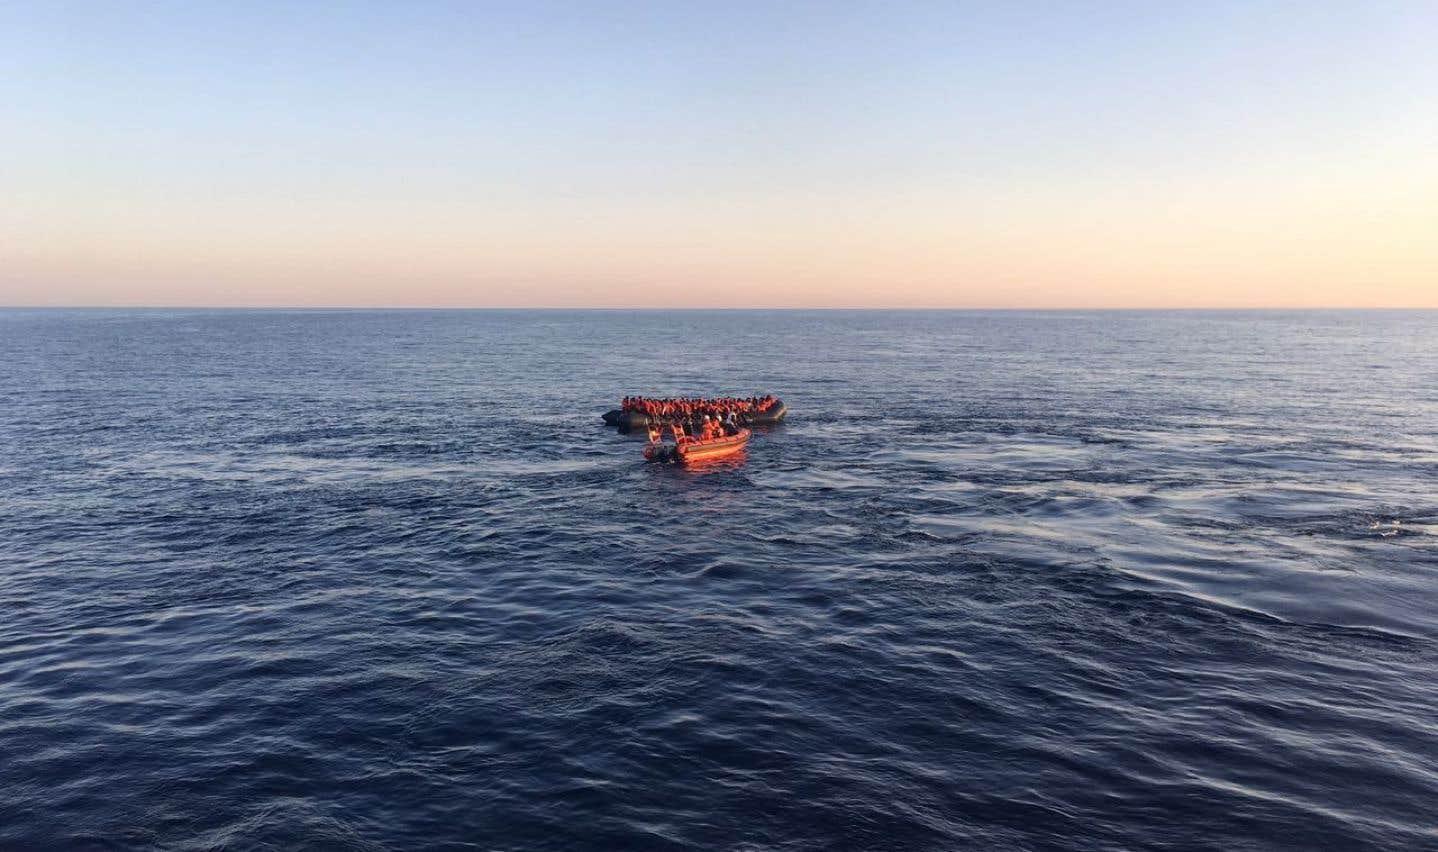 Plus de 2000 migrants sauvés au large de la Libye